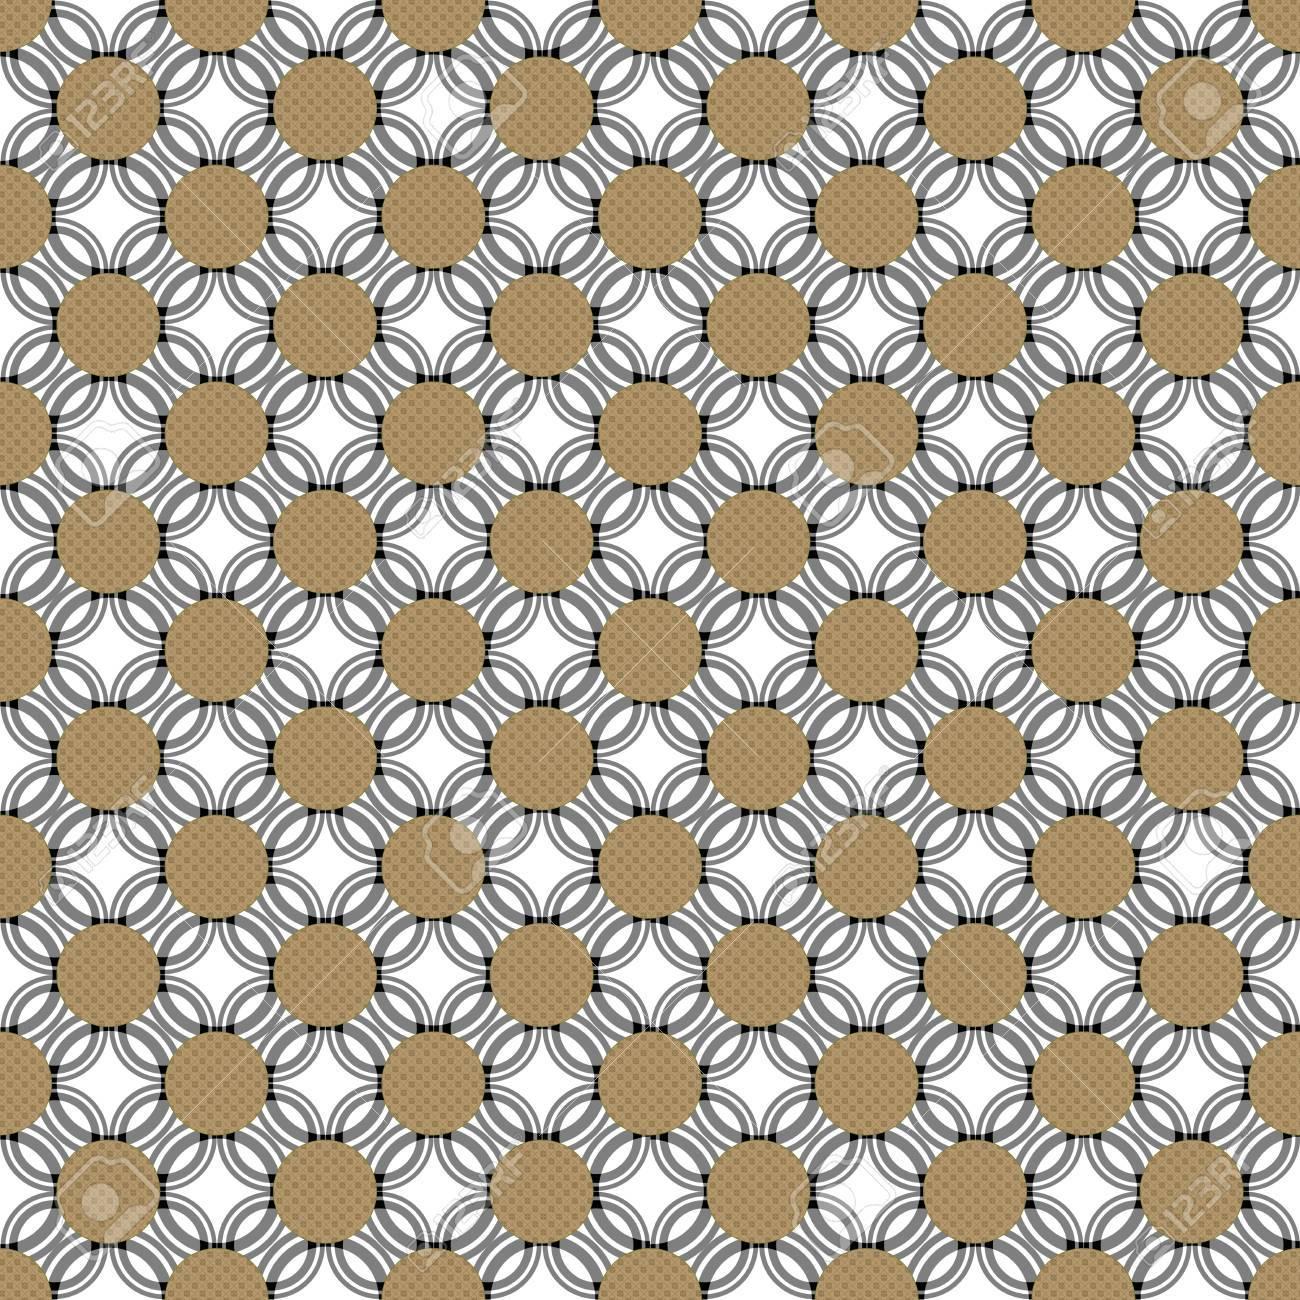 beautiful symmetrical pattern Stock Photo - 14508387